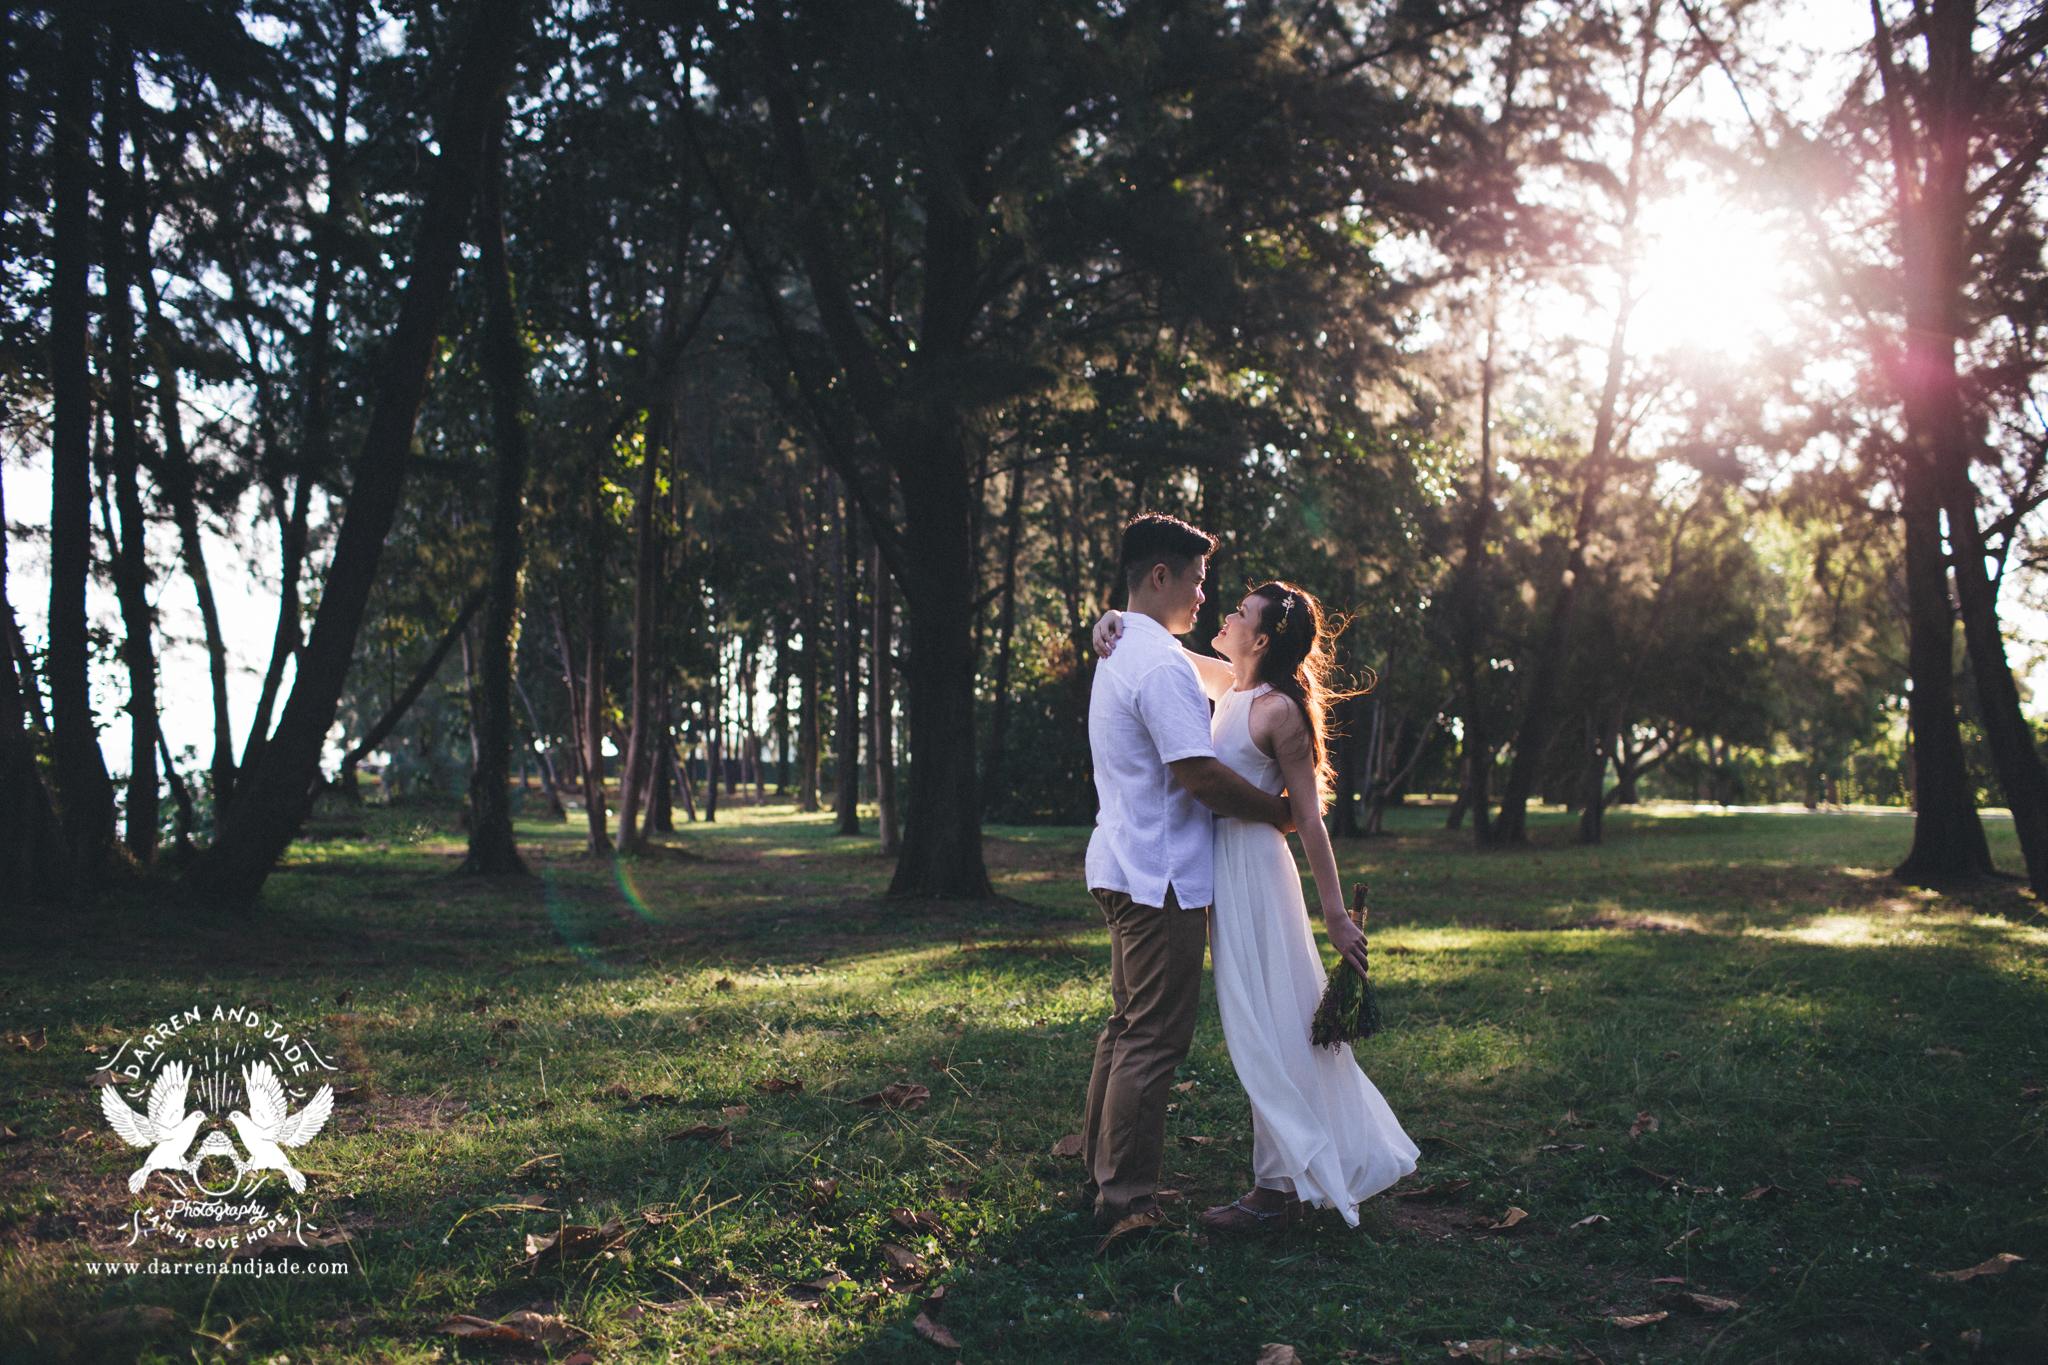 Gerri & Jon - Engagement - Blog (7 of 15).jpg